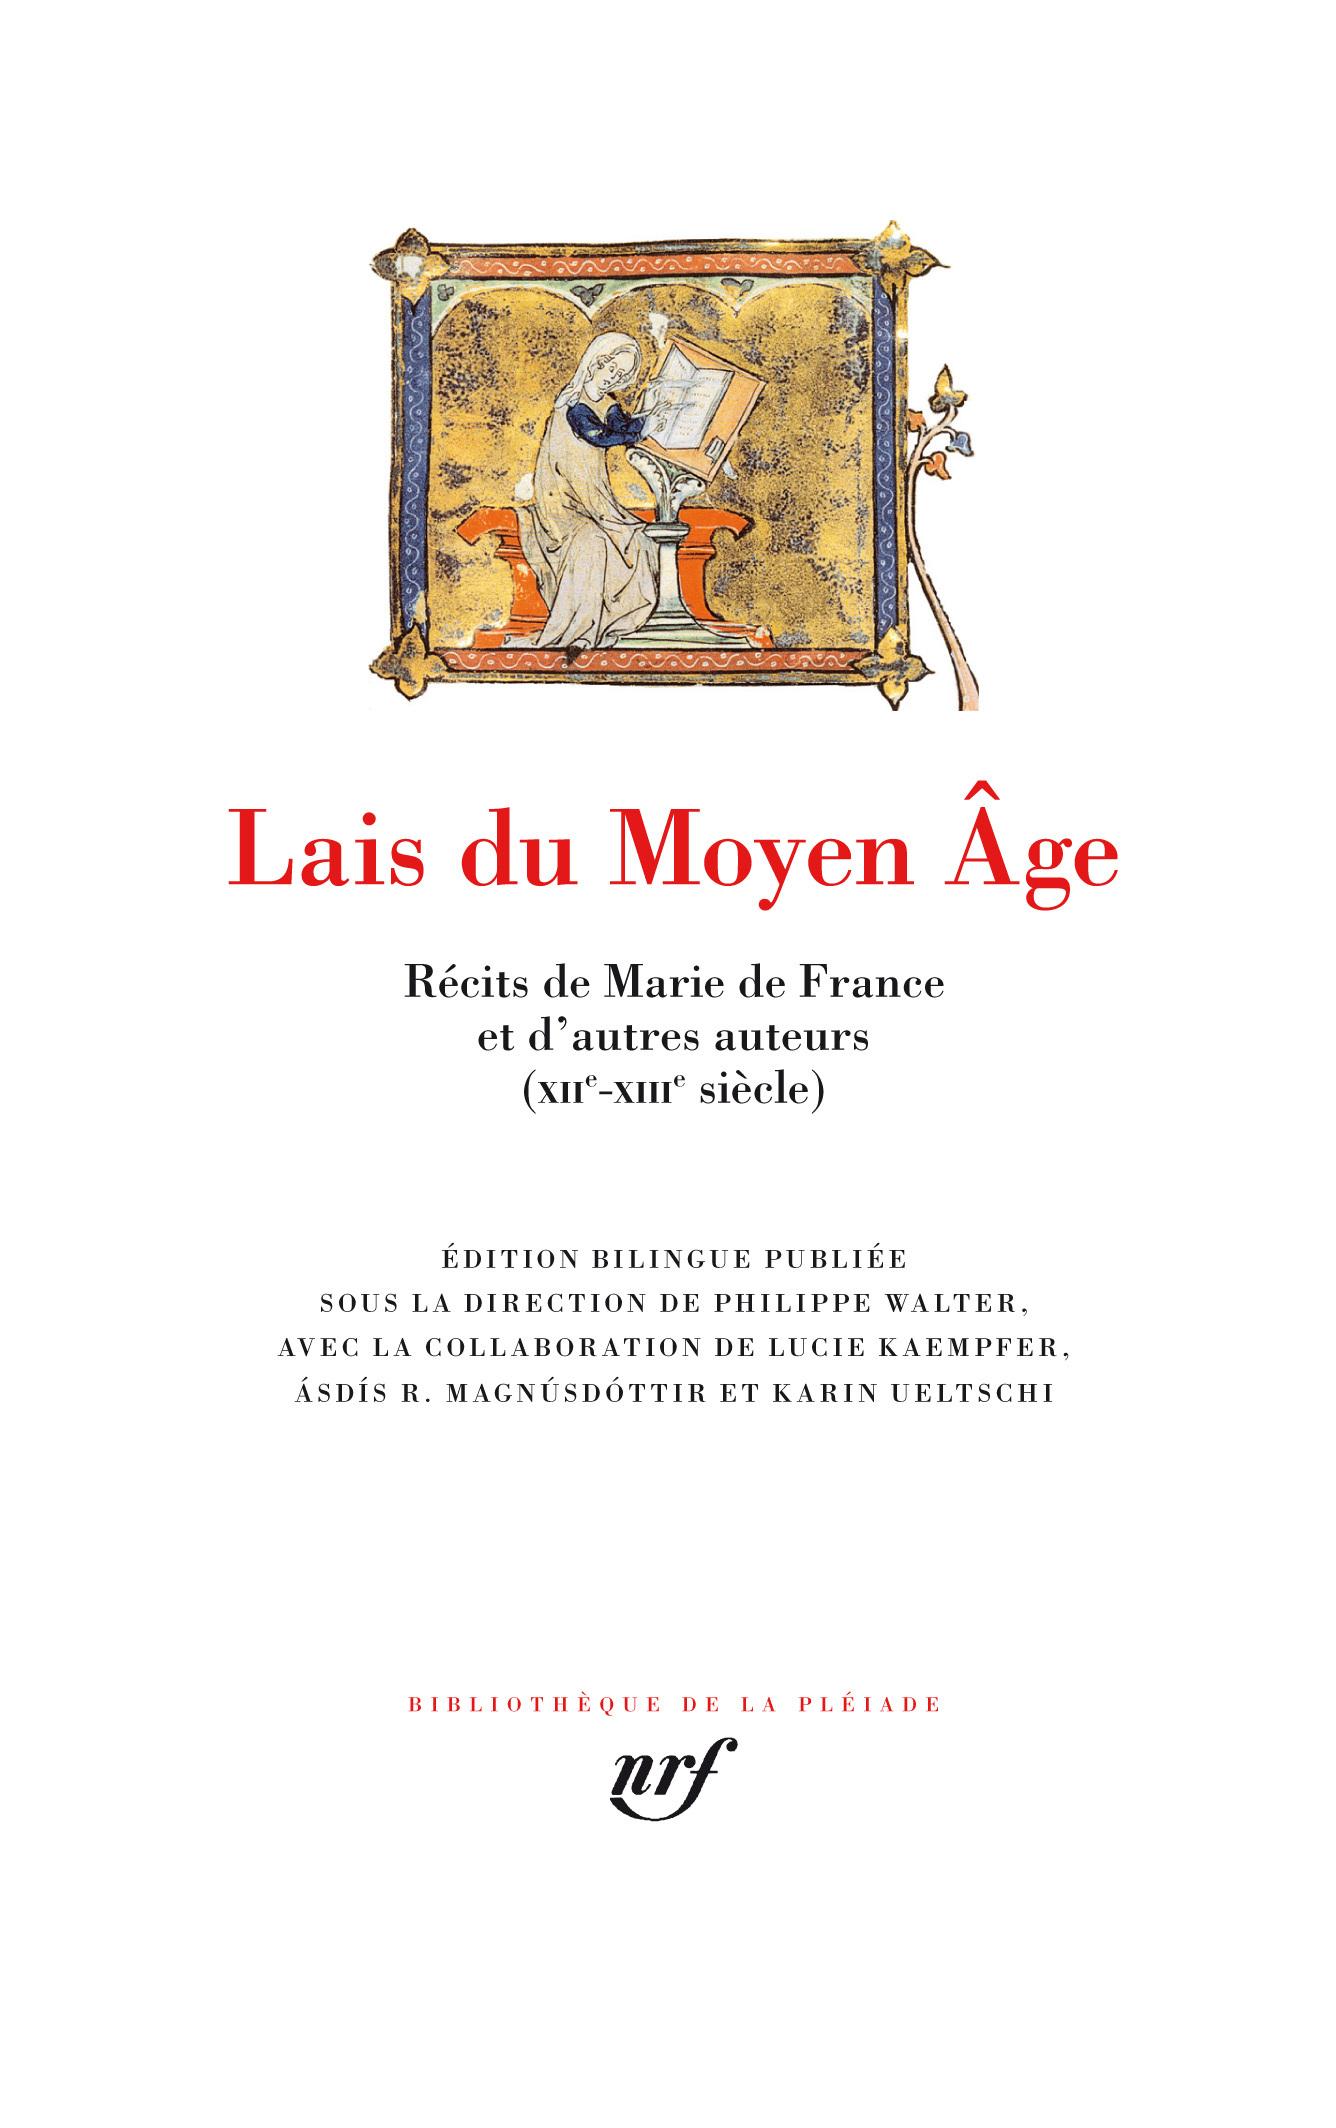 LAIS DU MOYEN AGE - RECITS DE MARIE DE FRANCE ET D'AUTRES AUTEURS (XIIE-XIIIE SIECLE)